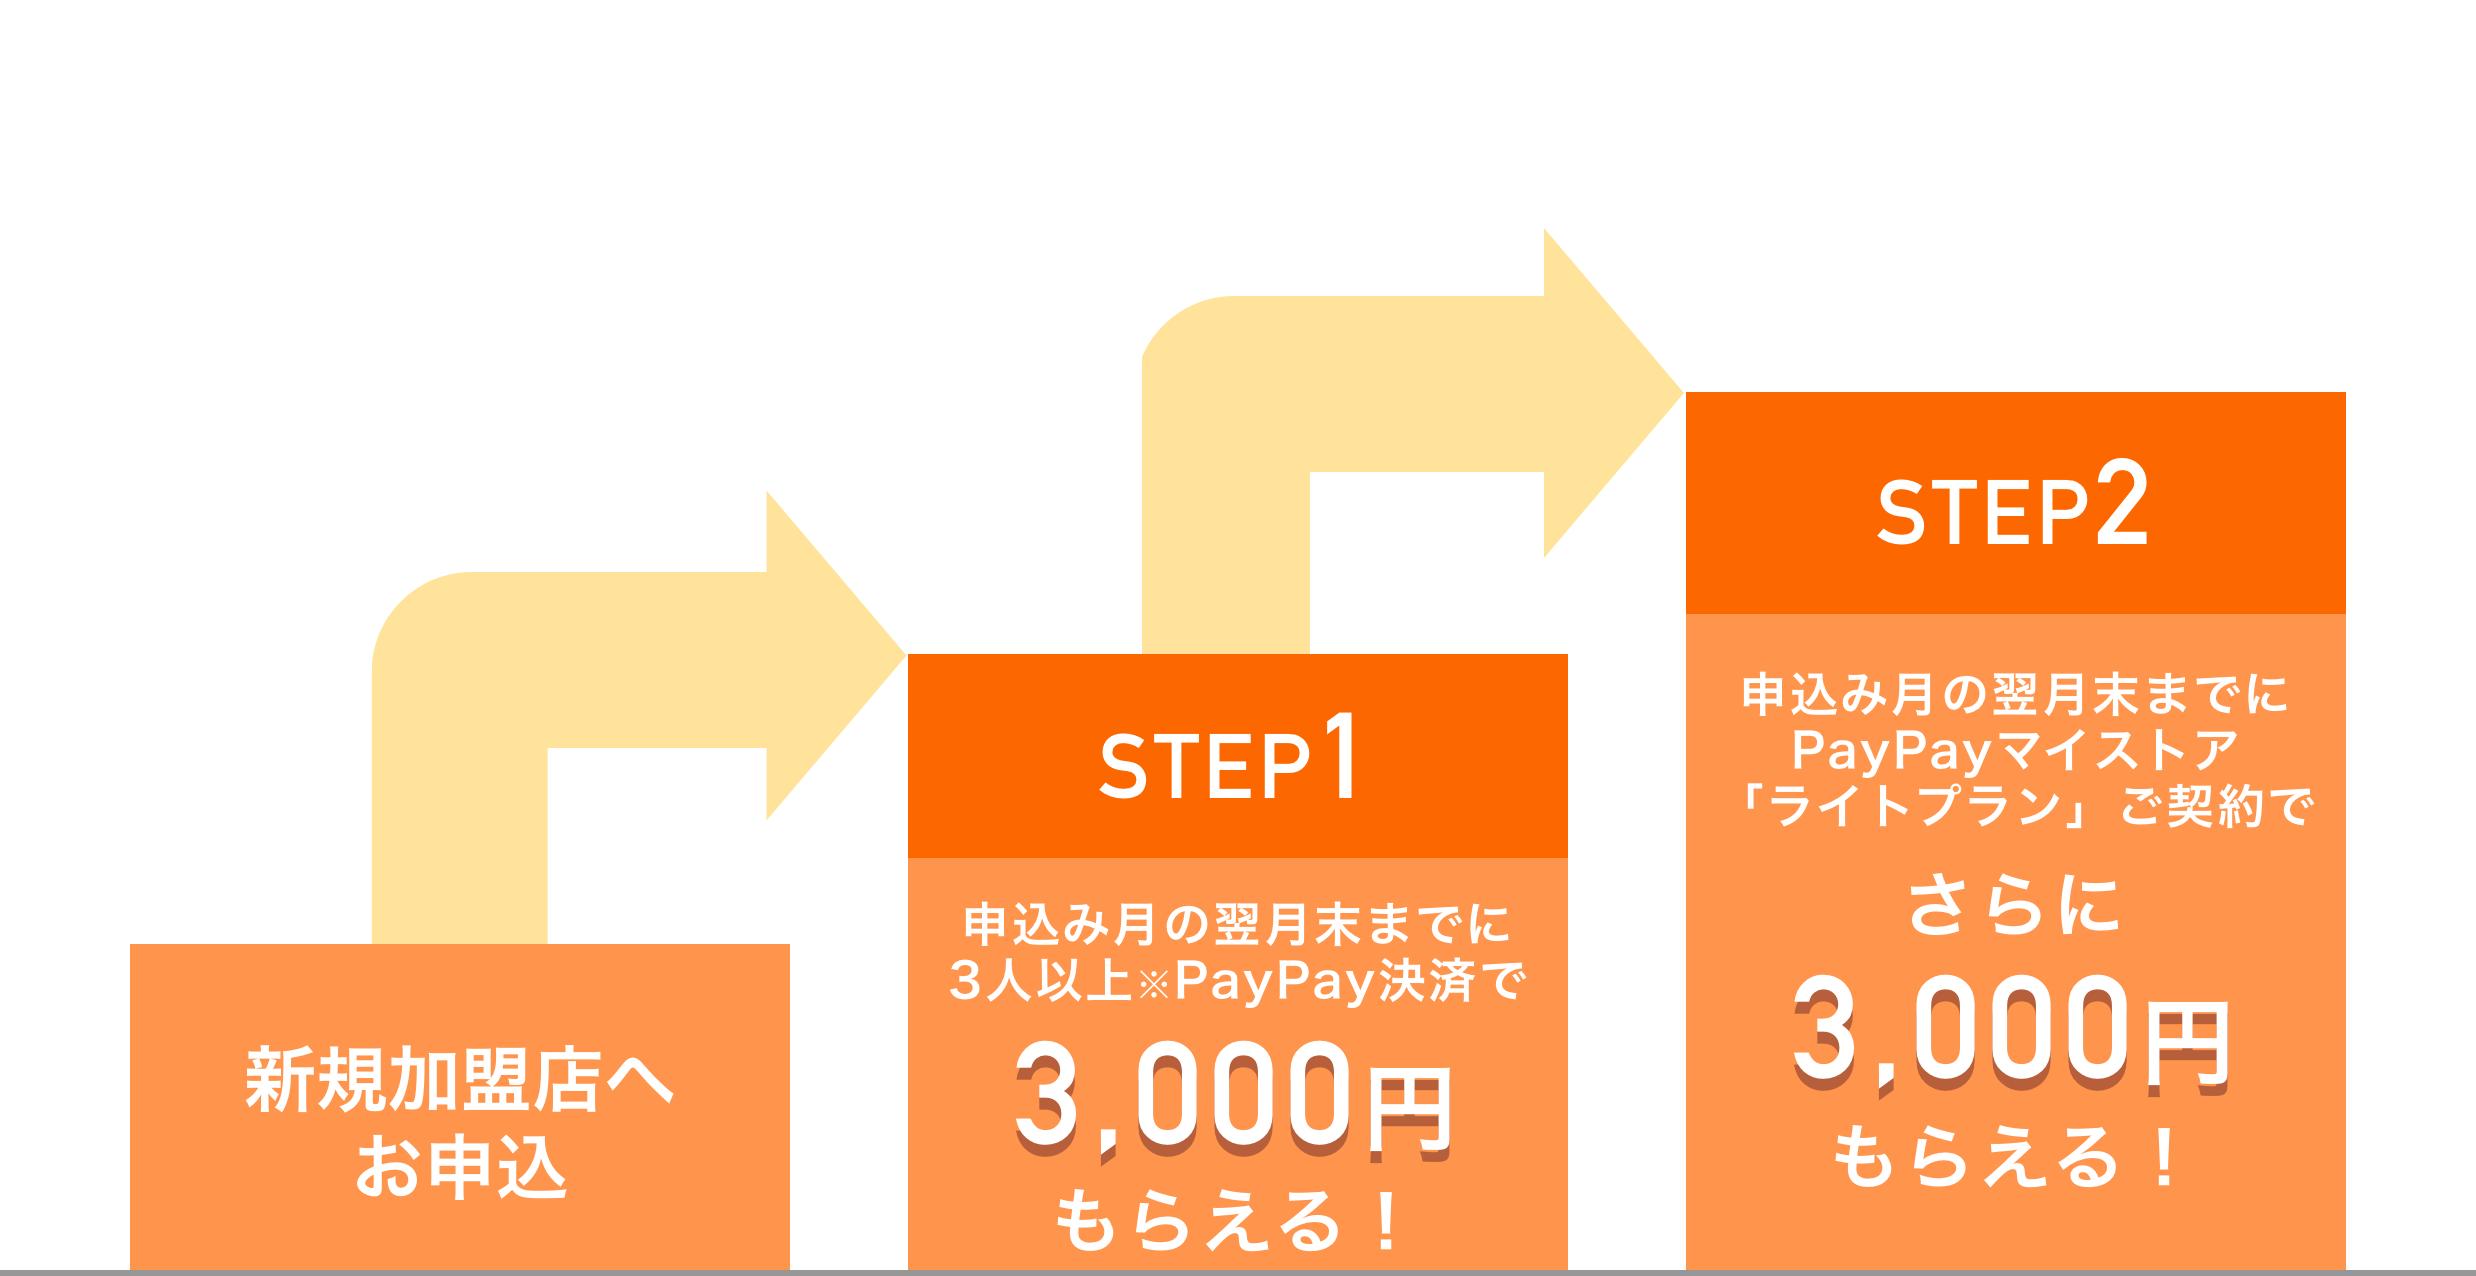 新規加盟店へお申込み STEP1:申込み月の翌月末までに3人以上の決済で6,000円もらえる!。STEP2:申込み月の翌月末までにPayPayマイストア「ライトプラン」ご契約でさらに6,000円もらえる!